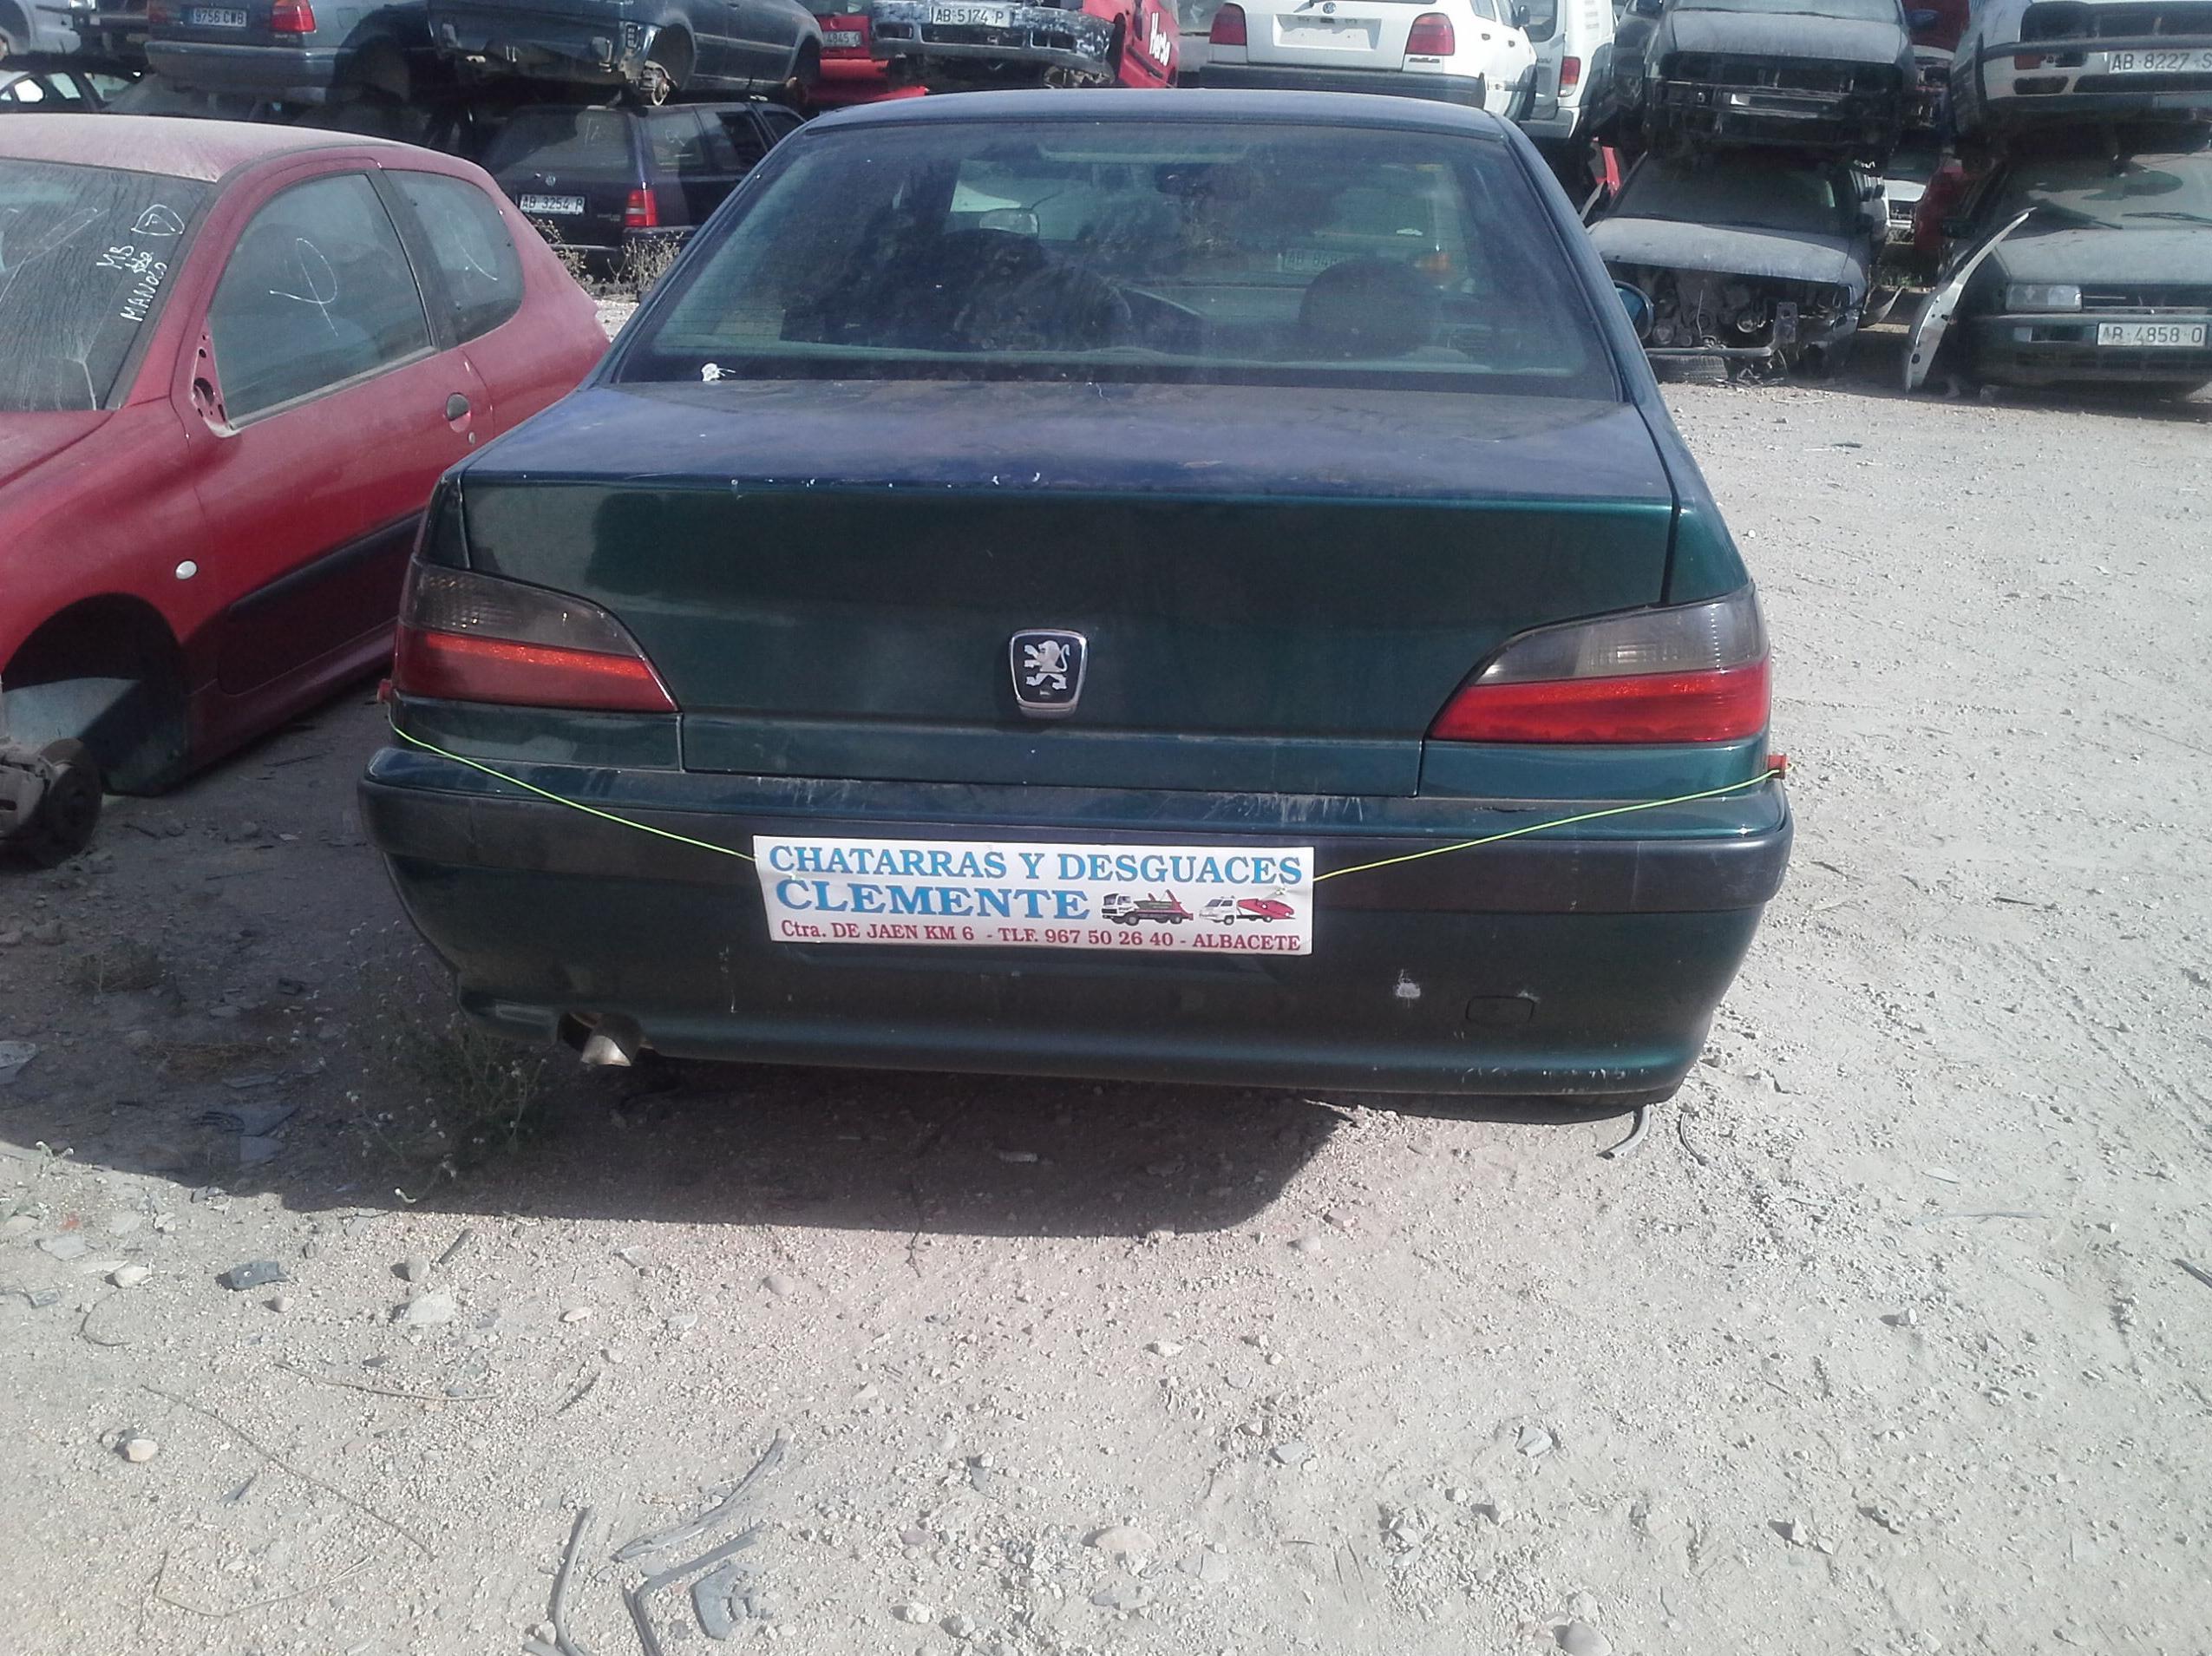 Peugeot 406 en desguaces Clemente de Albacete